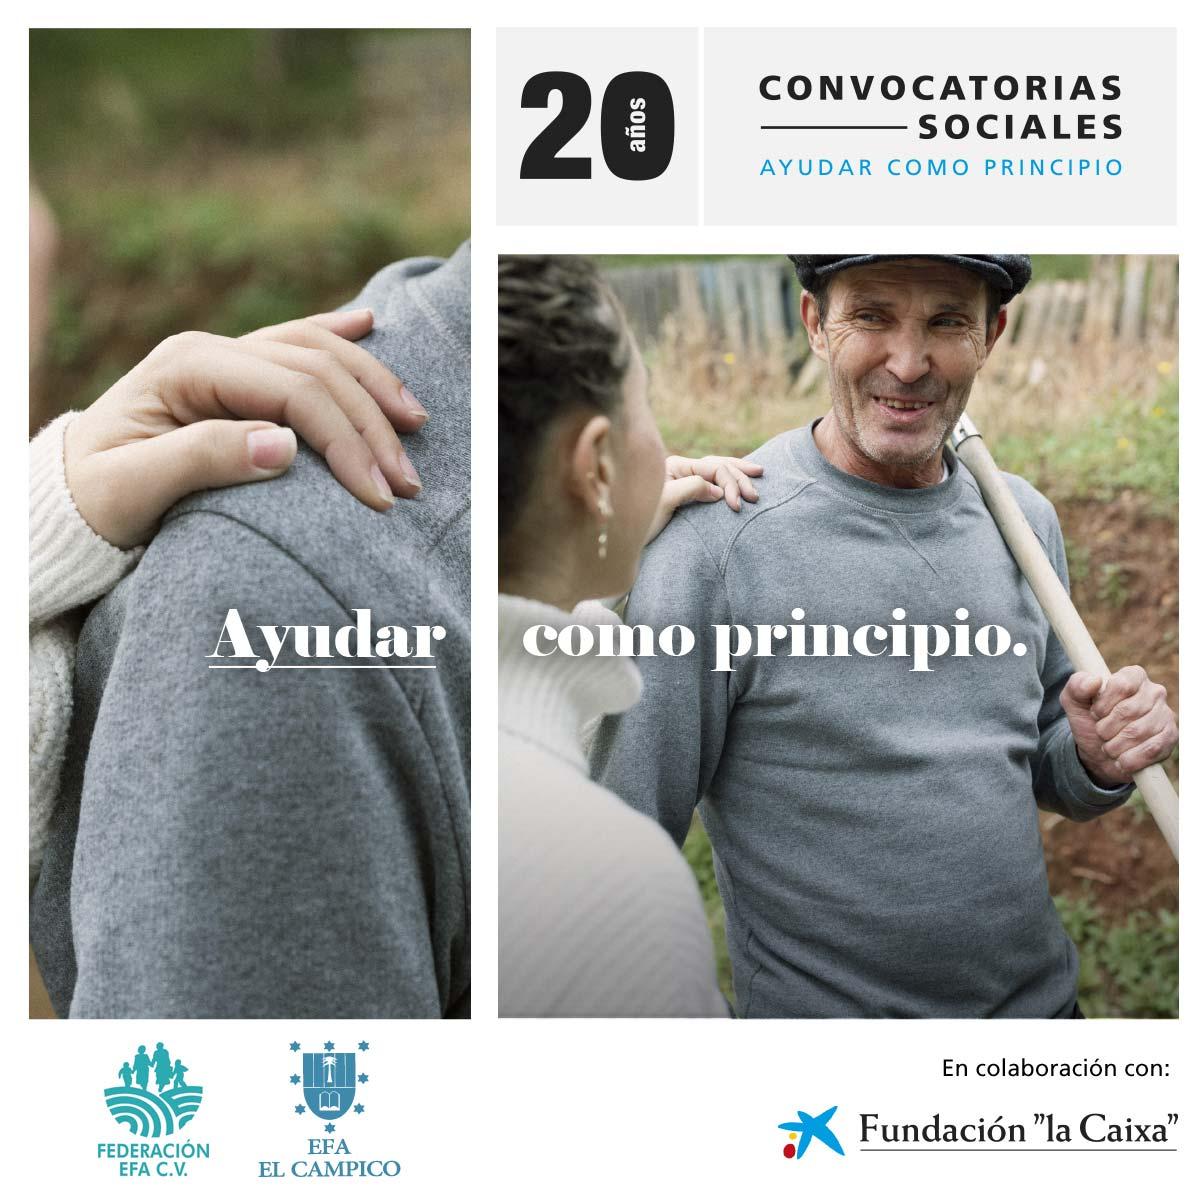 Empleat al mon rural - EFA EL CAMPICO Y FUNDACIÓN LA CAIXA